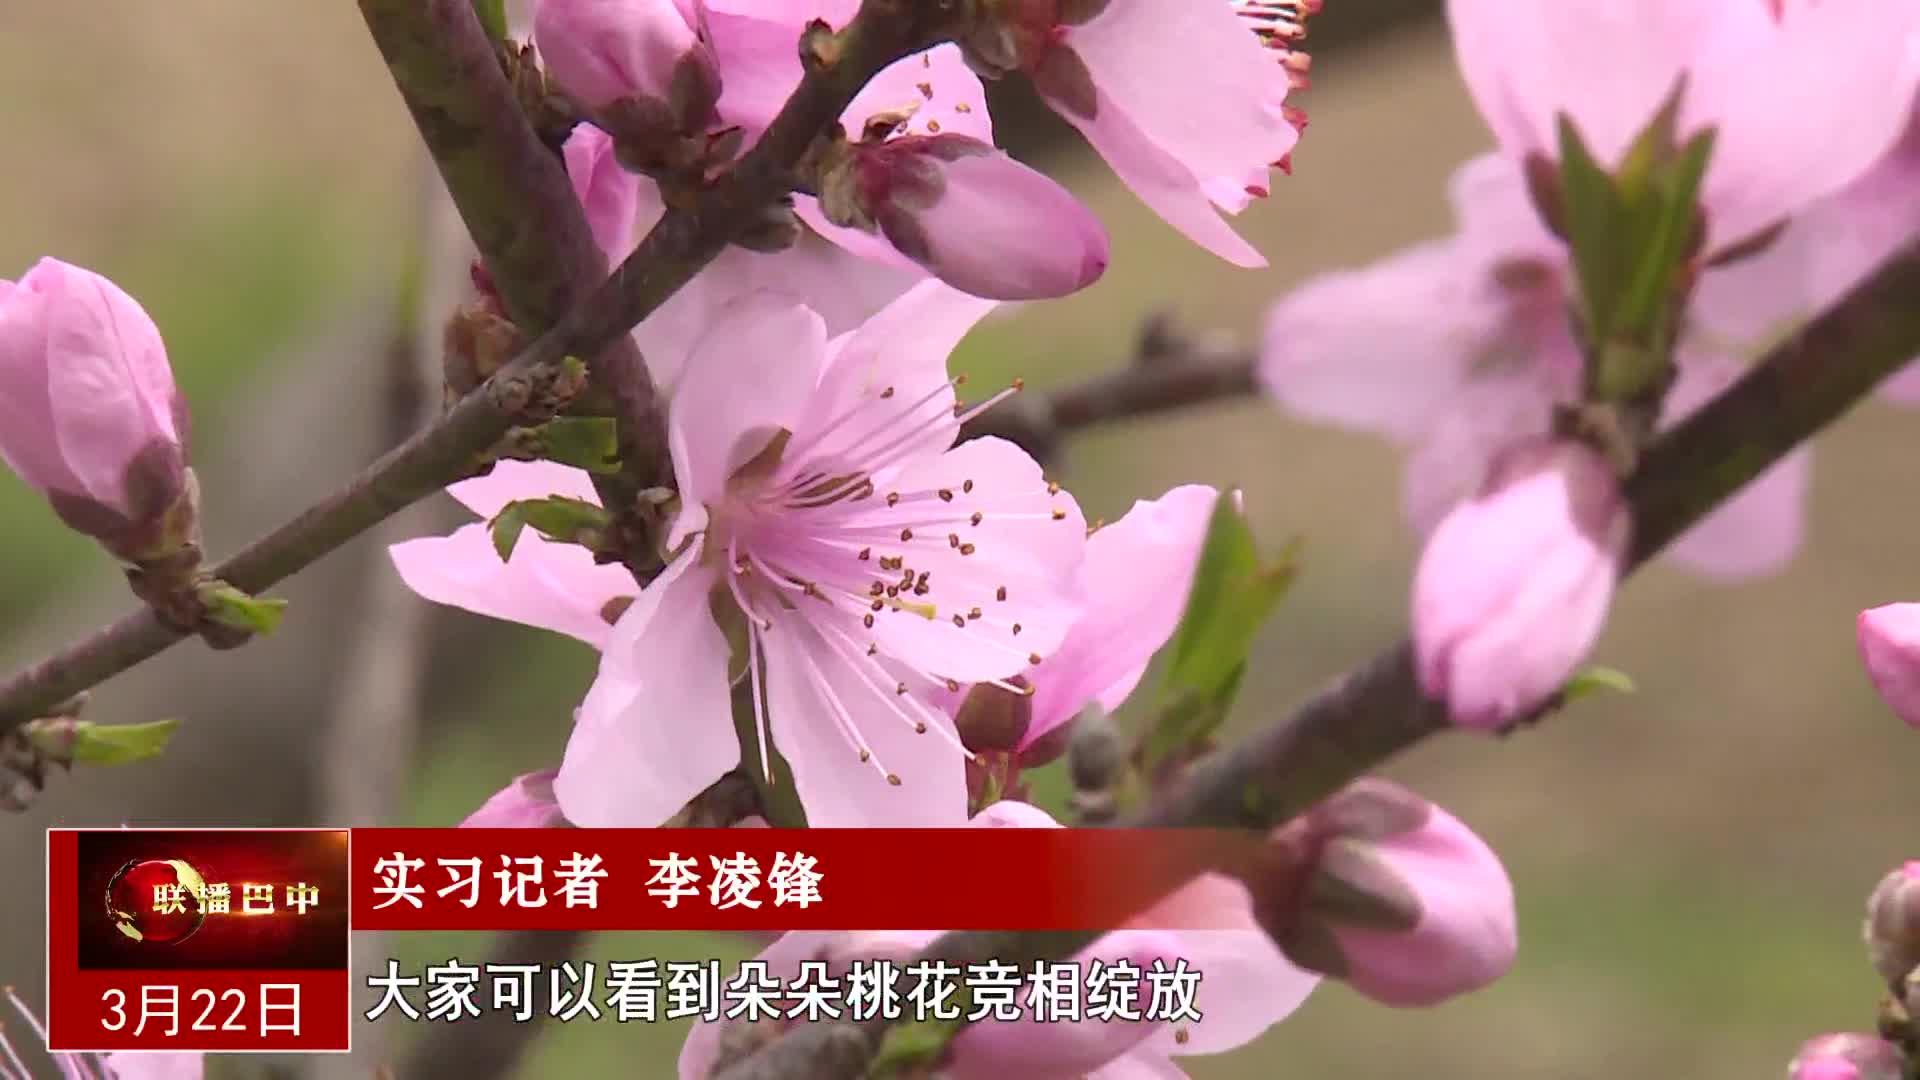 苏山坪:桃花春色暖先开